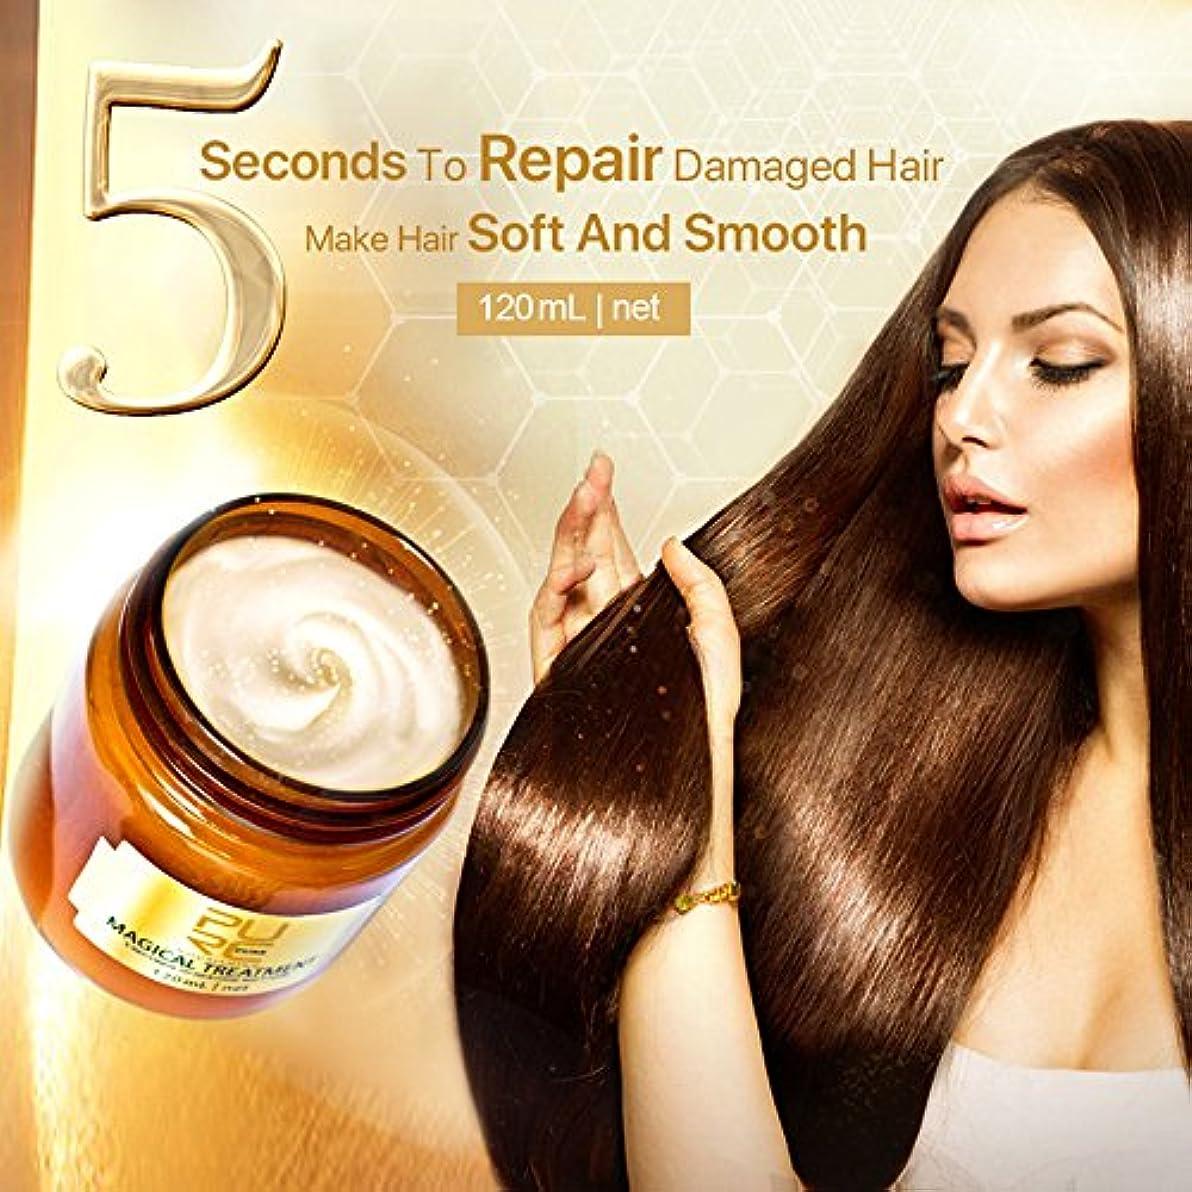 麦芽メッセージ時間厳守ディープリペア軟膏ヘアマスク 高度な分子 毛根治療の回復 魔法のヘアマスクは コンディショナー ヘアケアコンディショ すべての髪のタイプのケラチンヘアの柔らかい髪を復元します (120ML)